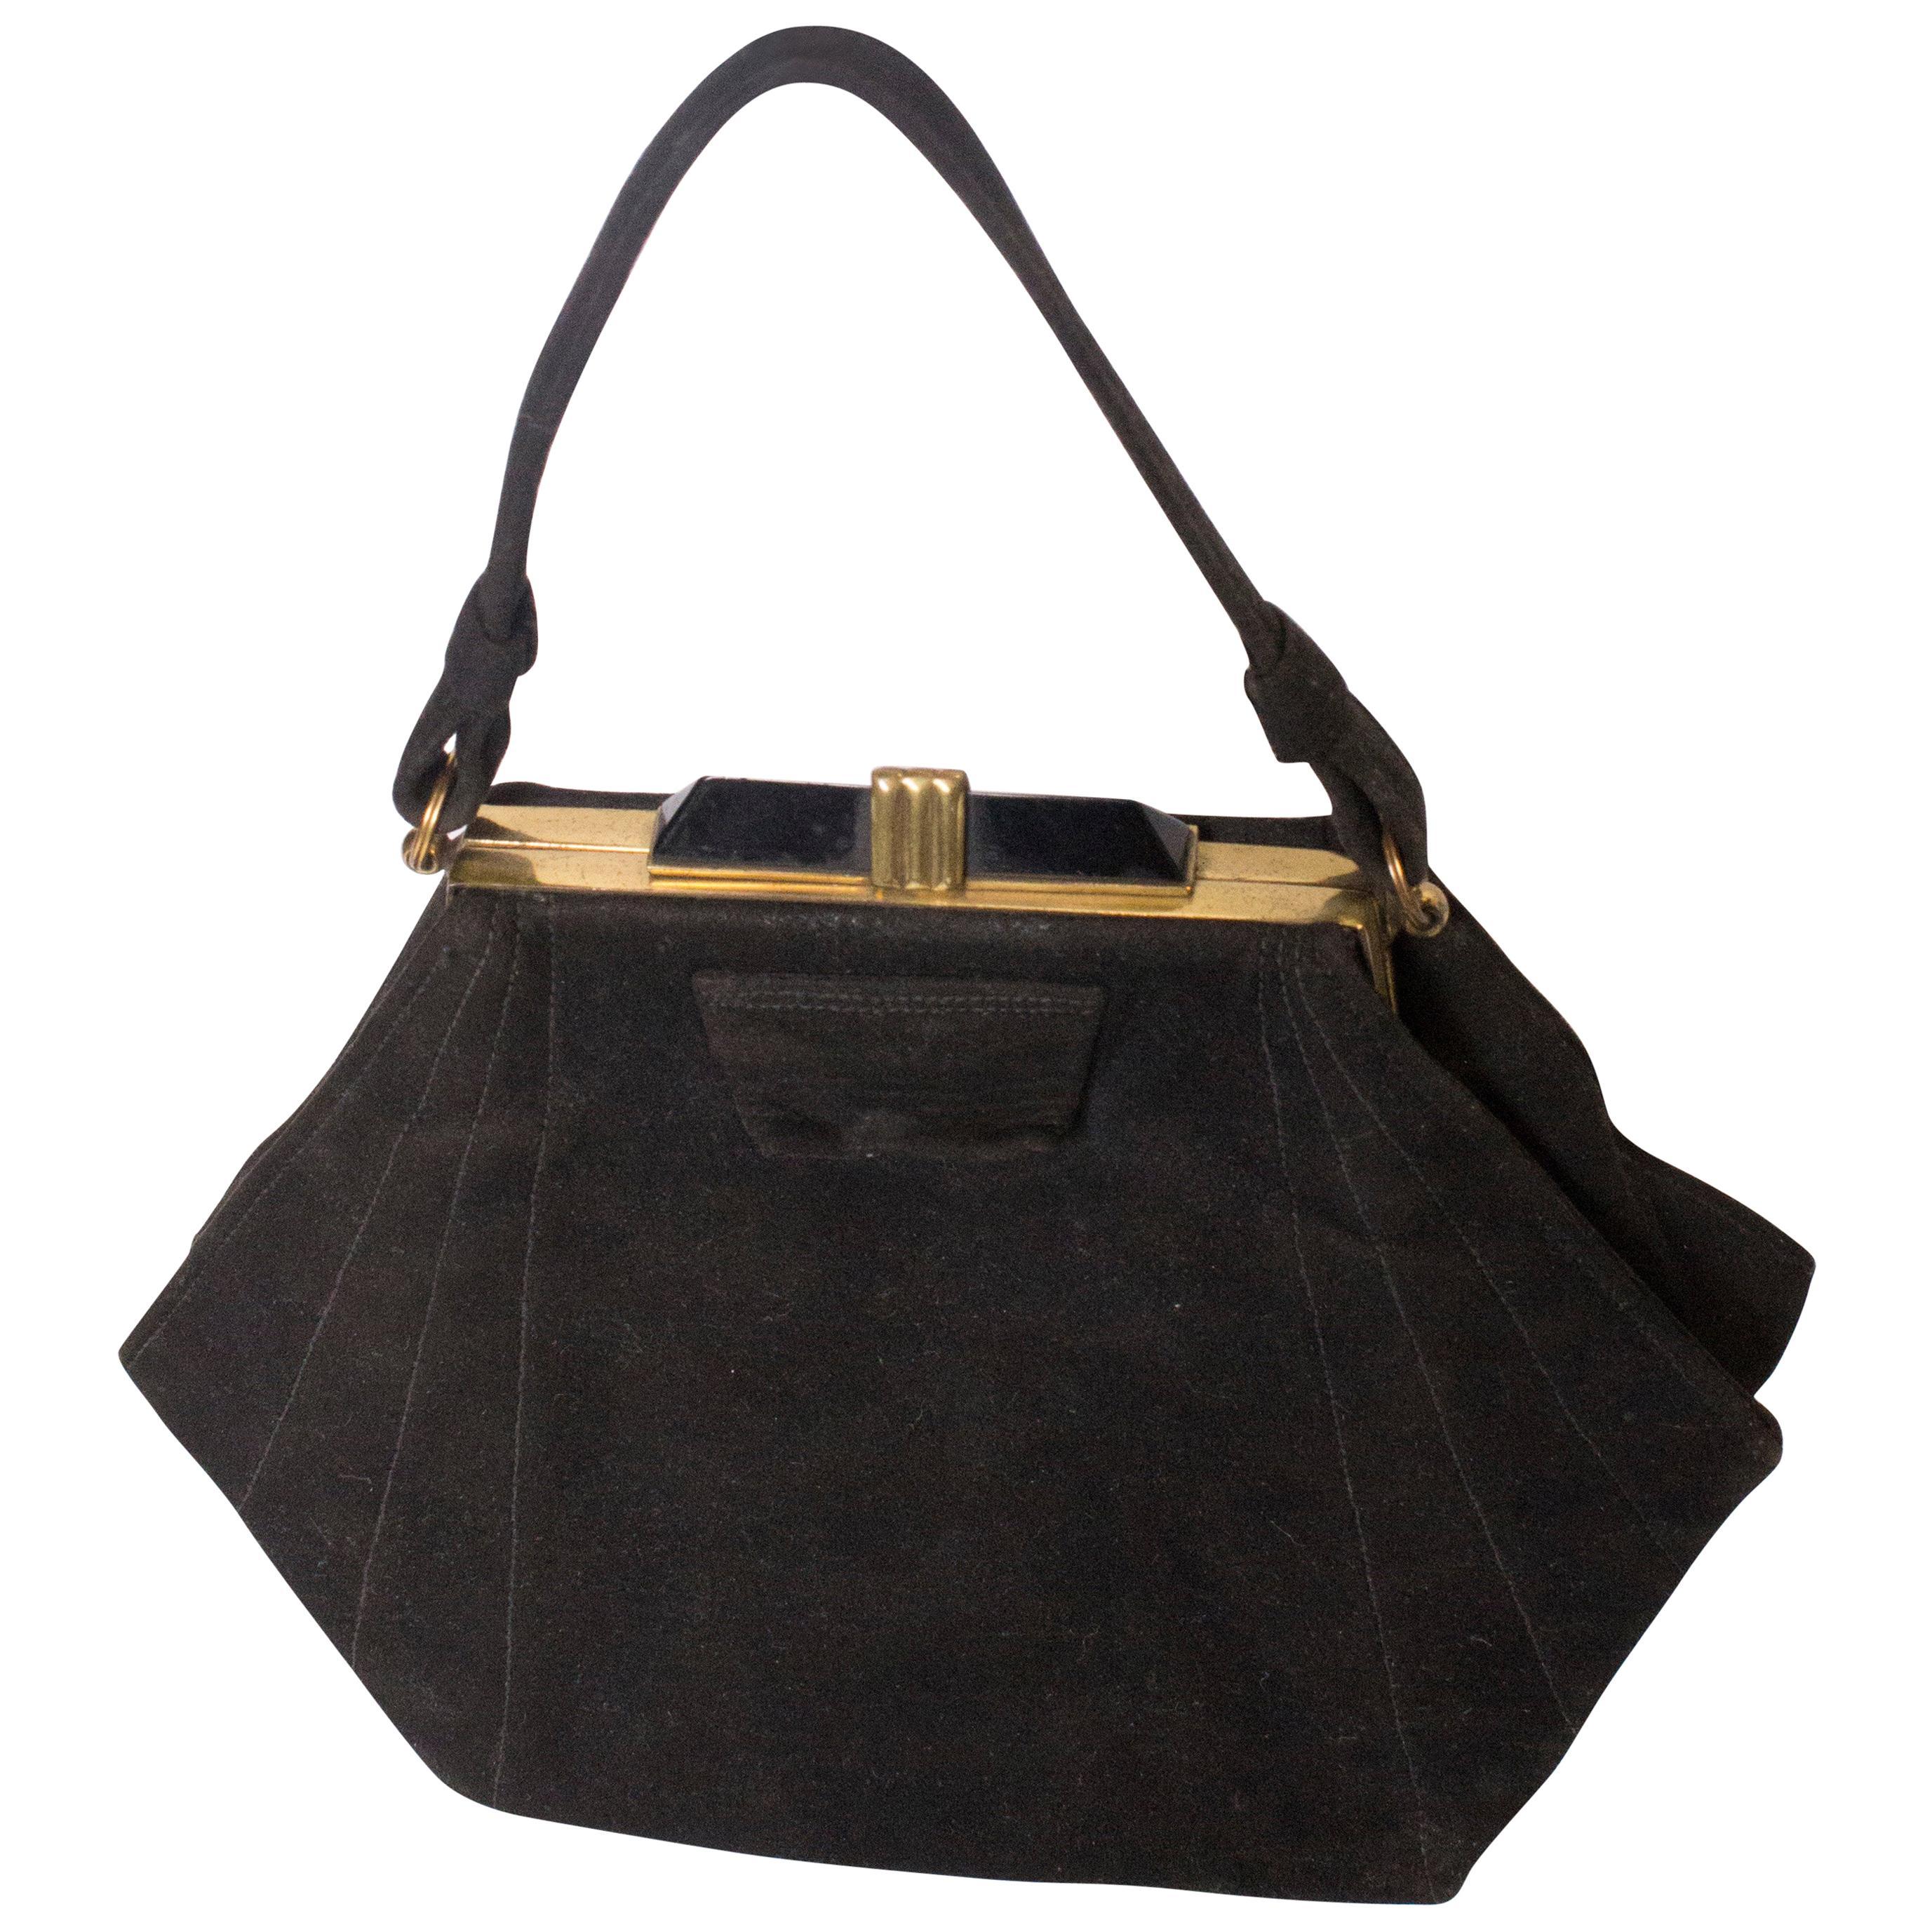 Vintage Art Deco Black Suede Handbag